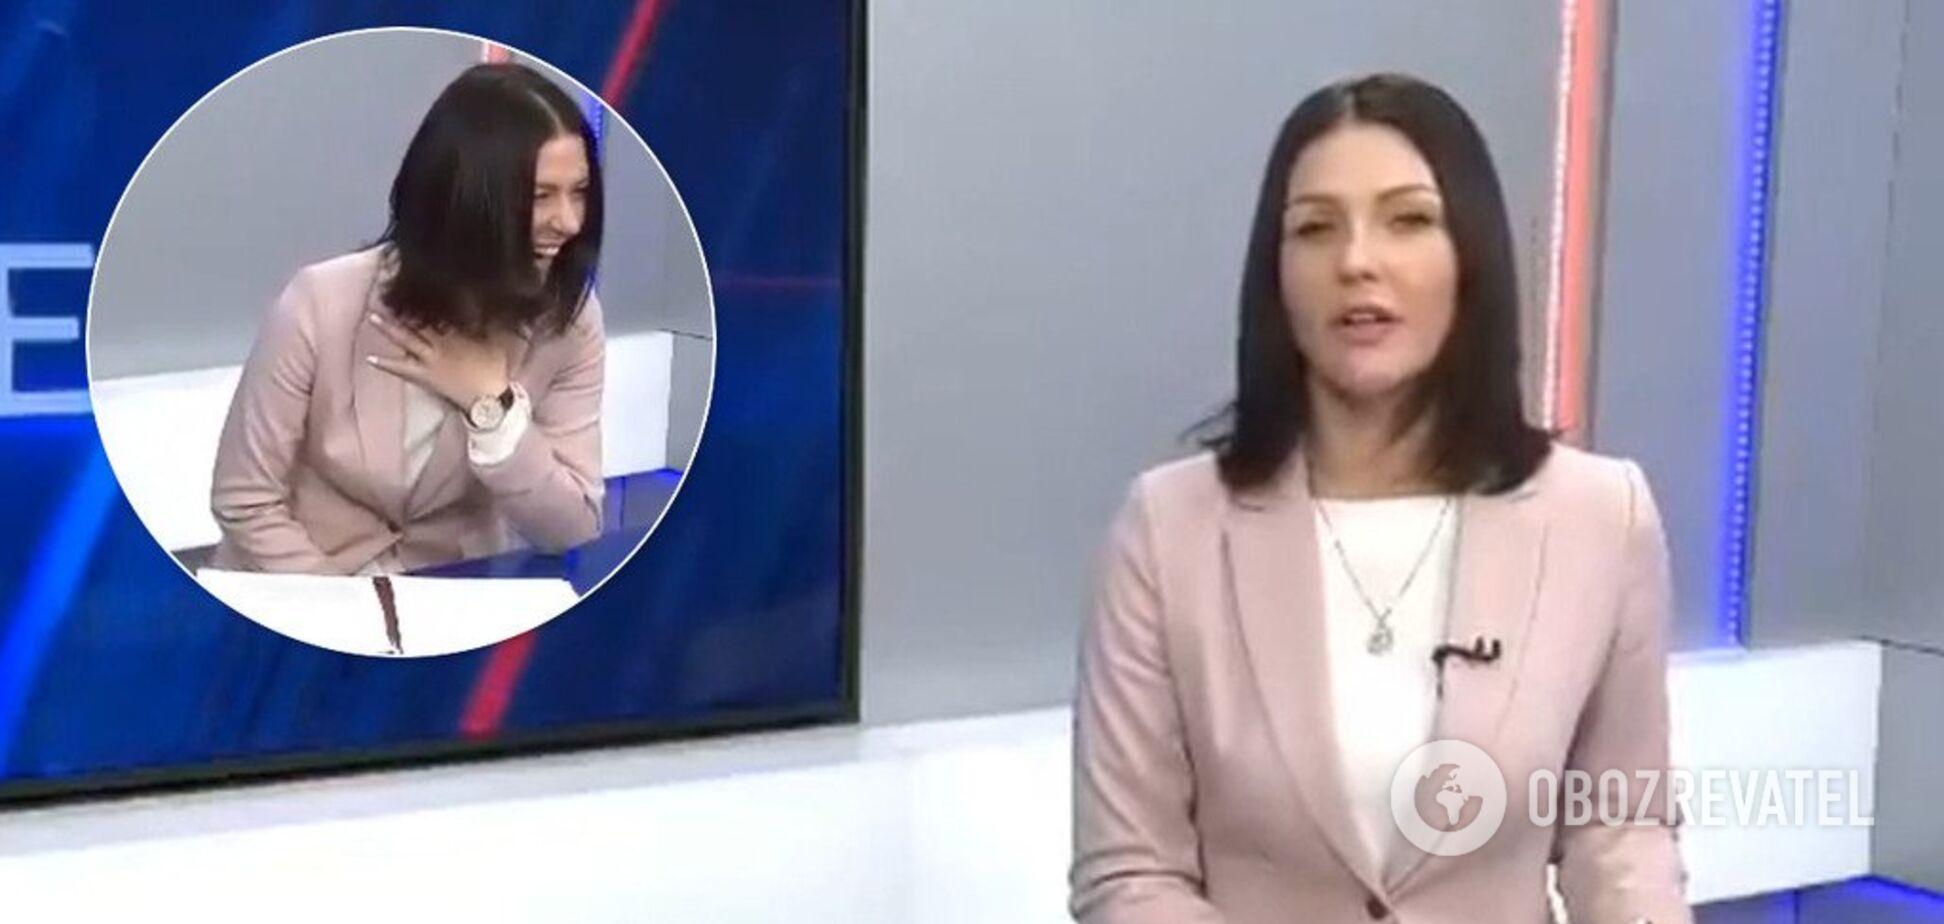 Высмеяла льготников: руководство росСМИ удивило реакцией на скандал с хохочущей ведущей